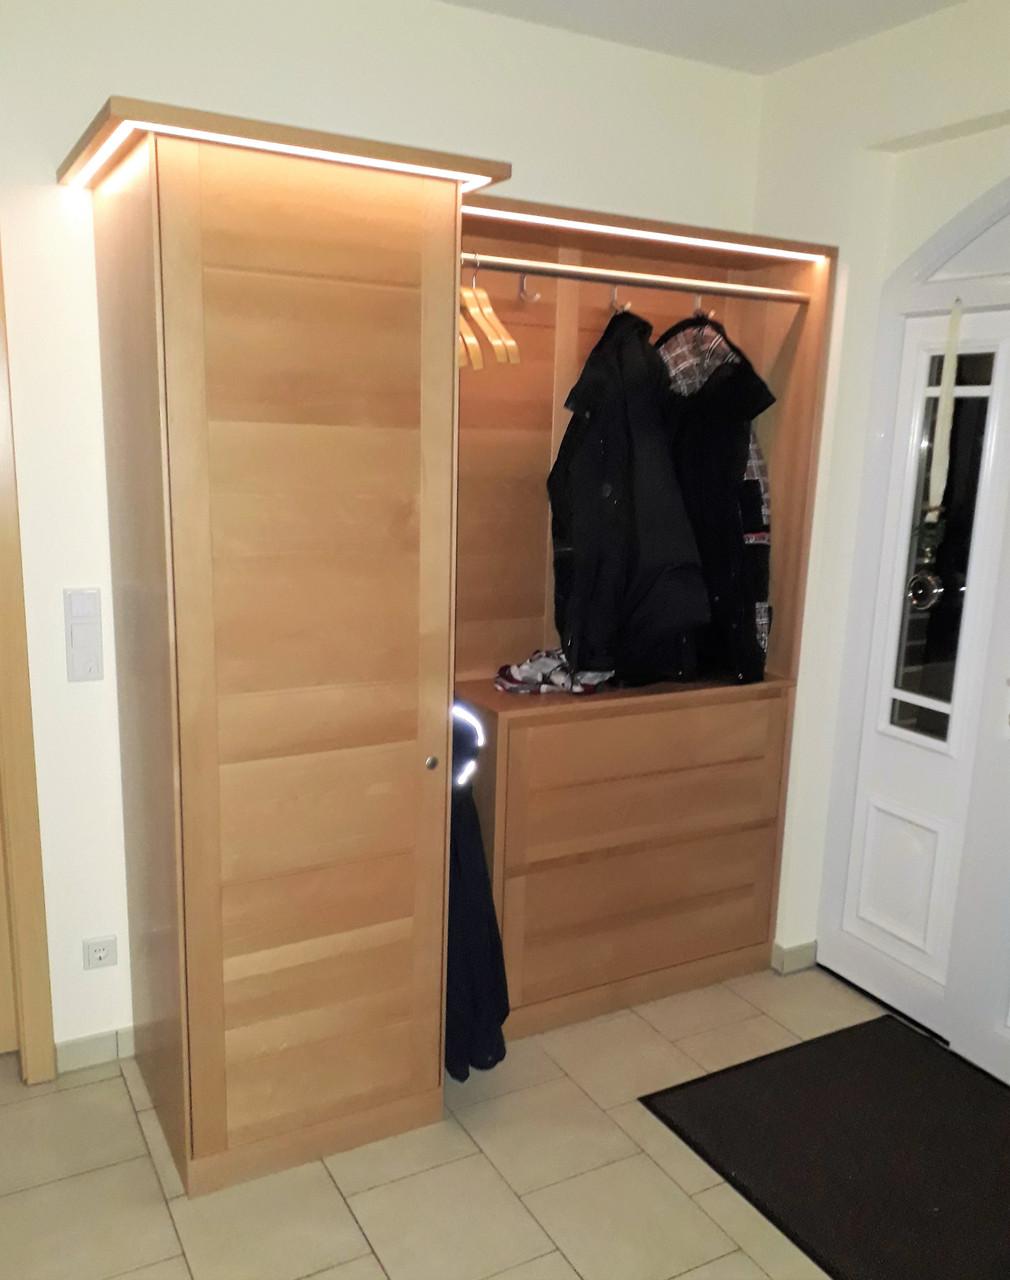 Maßgarderobe Moderna - Buche massiv mit geschlossenem Schrank, Schuhschrank, Innen-Spiegel und Garderobenpaneel - individuell planbar - auch in Eiche oder Kirschbaum möglich